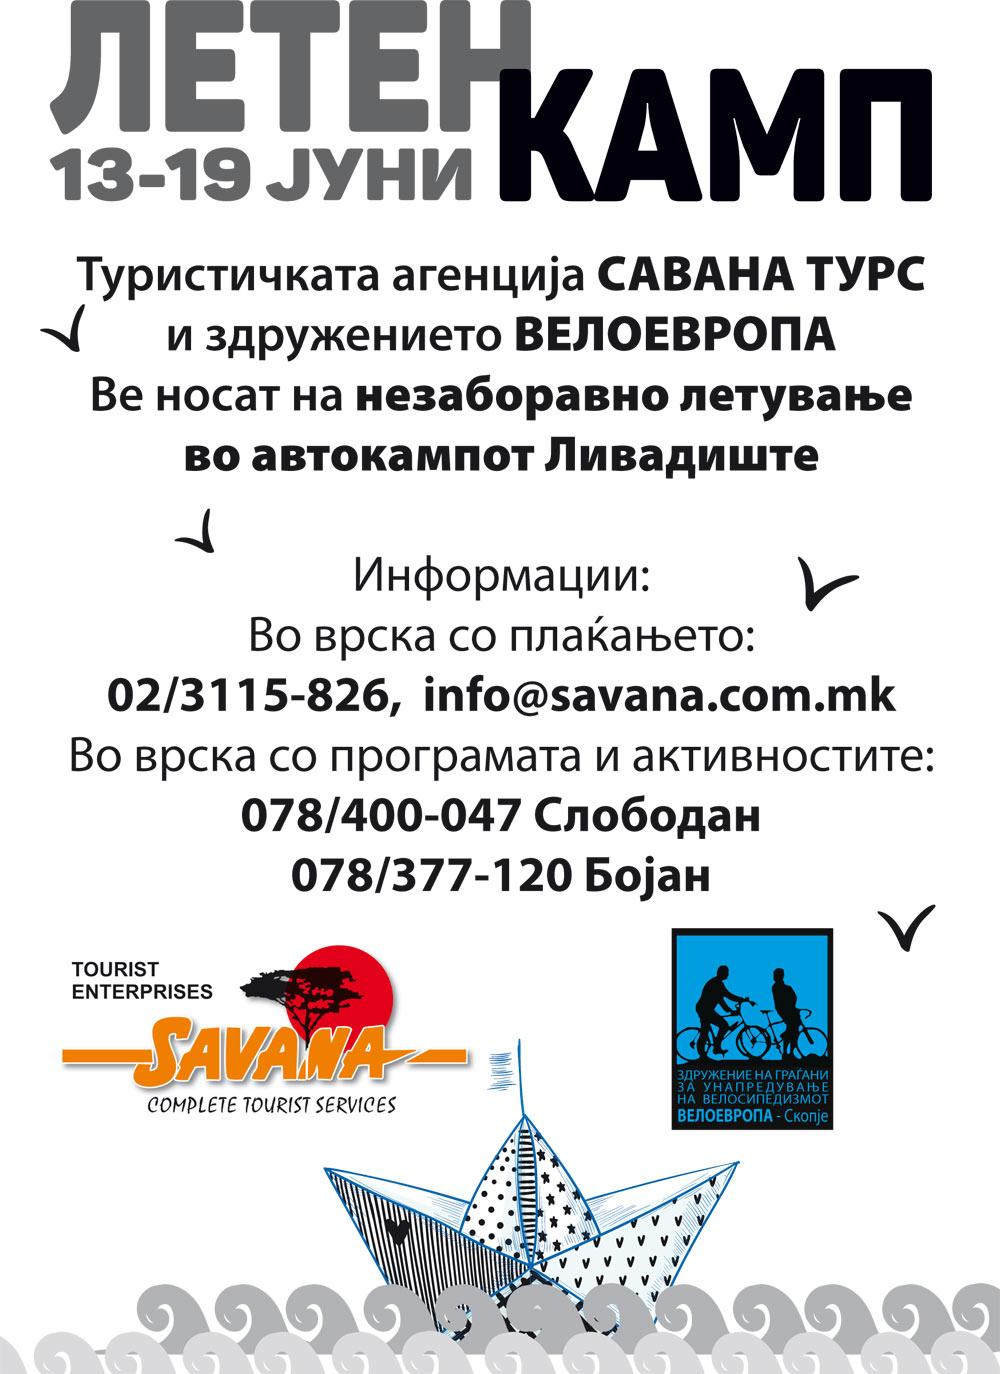 Летен камп 13-19 јуни – автокамп Ливадиште